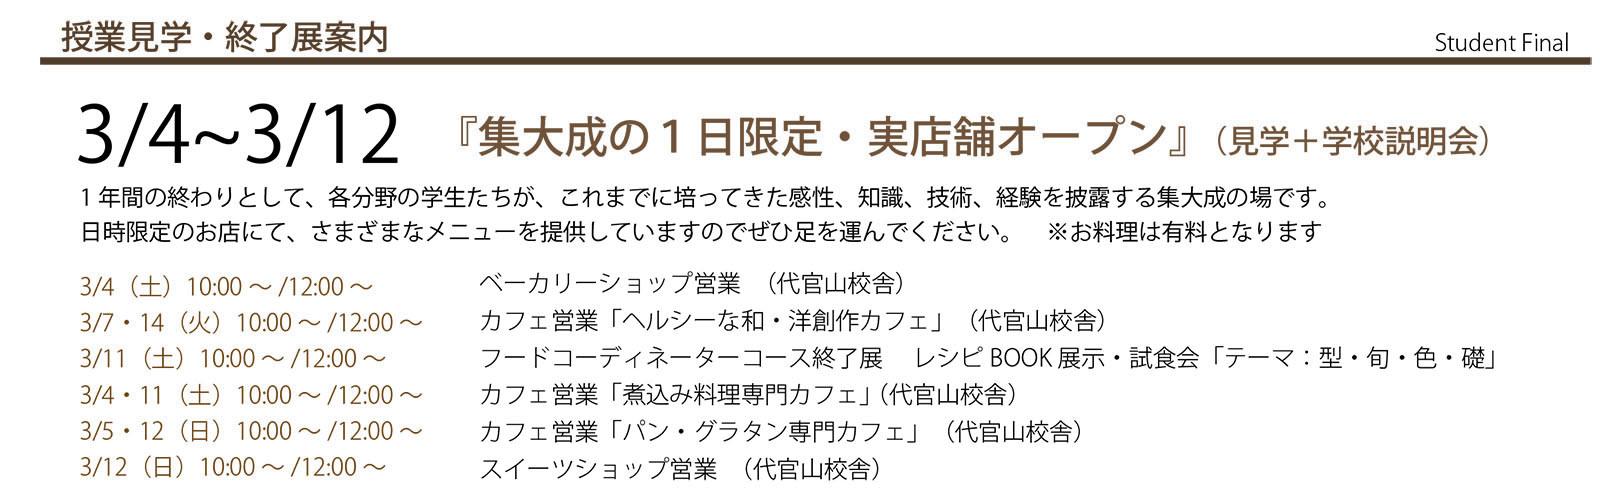 パンフインDM_3月pe-ji2.jpg